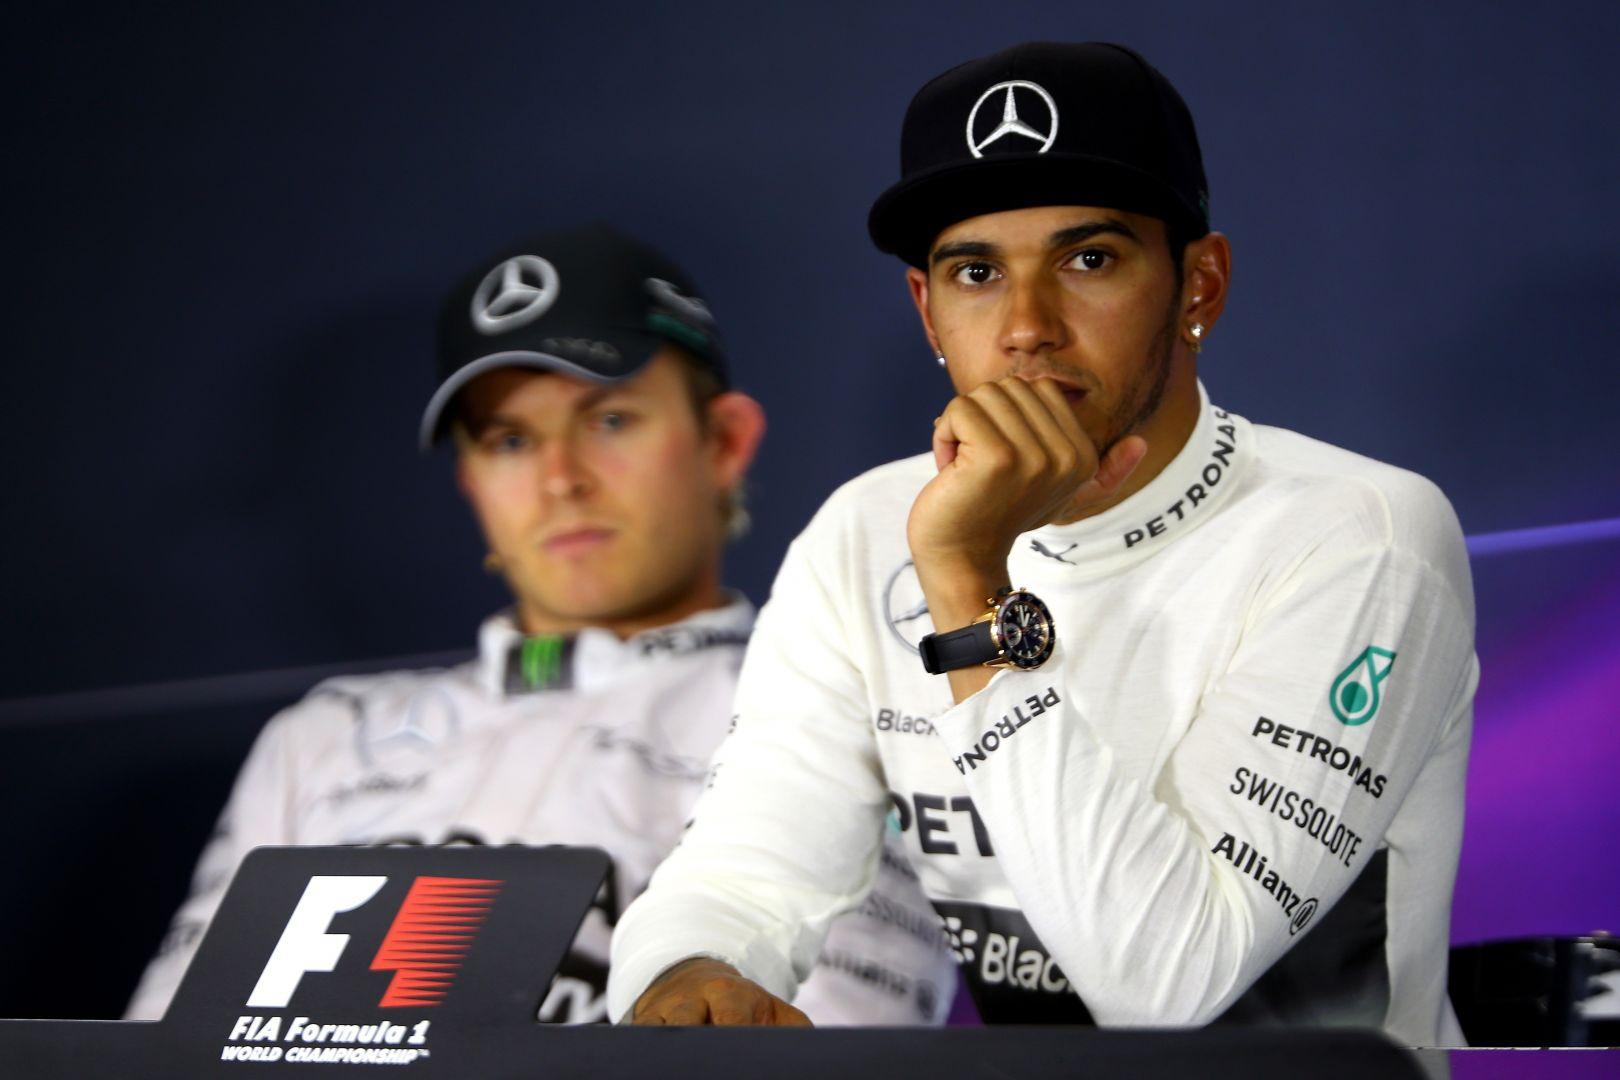 Na Fórmula 1, Hamilton e Rosberg brigam ponto a ponto pelo título da temporada